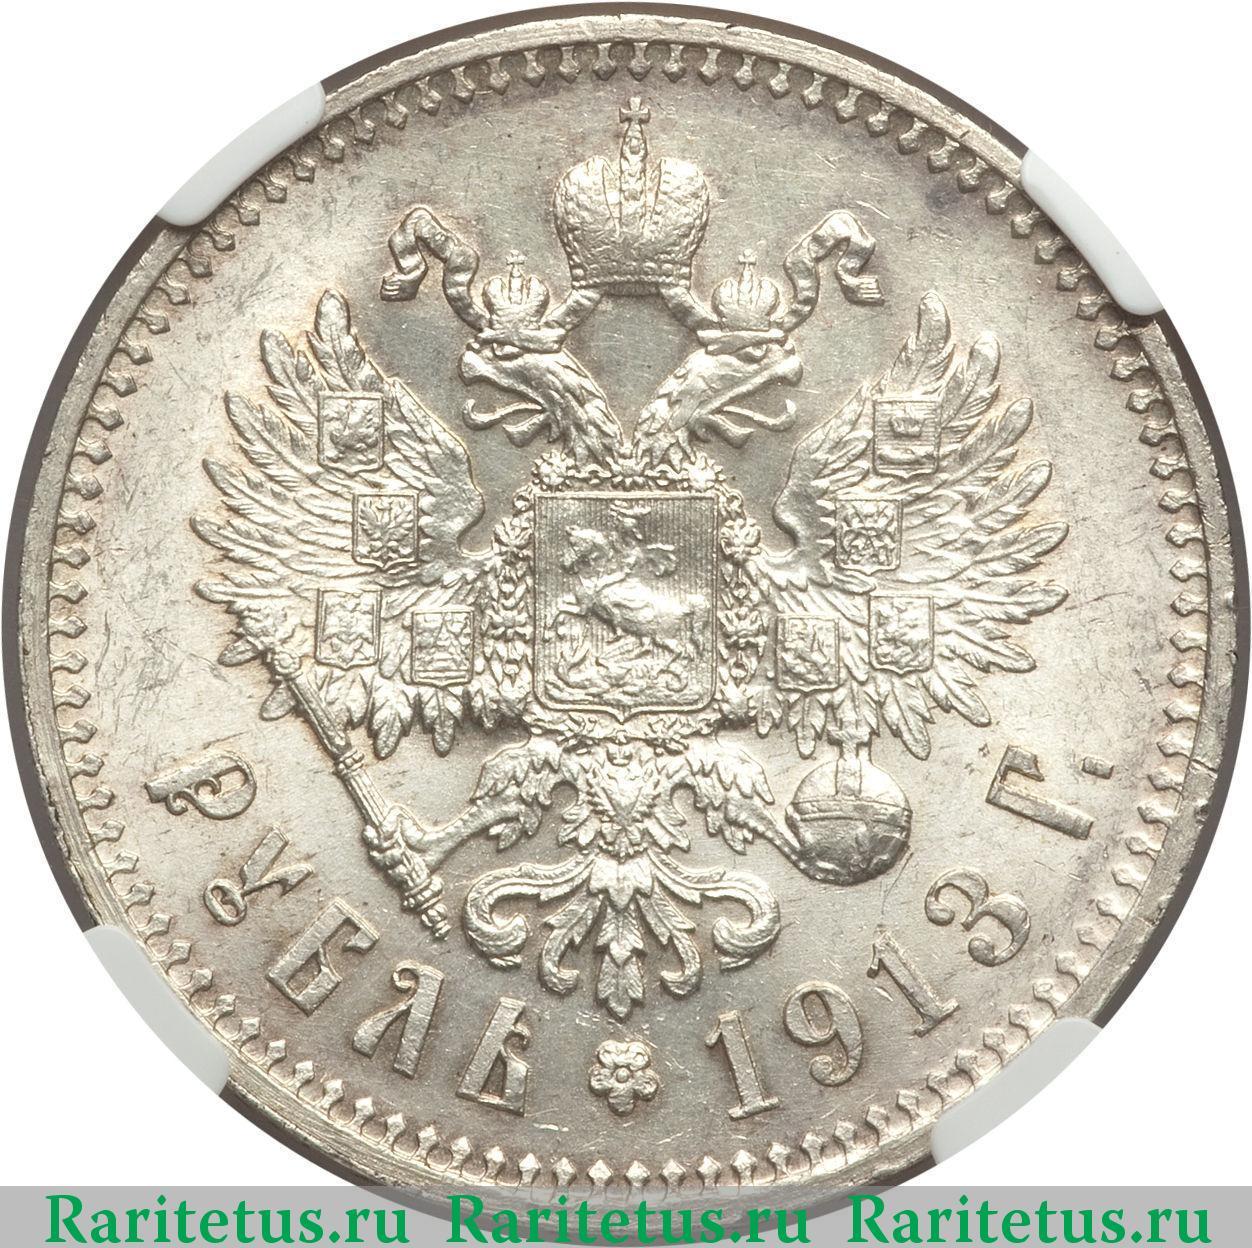 1 рубль 1908 года стоимость что делать с кладом